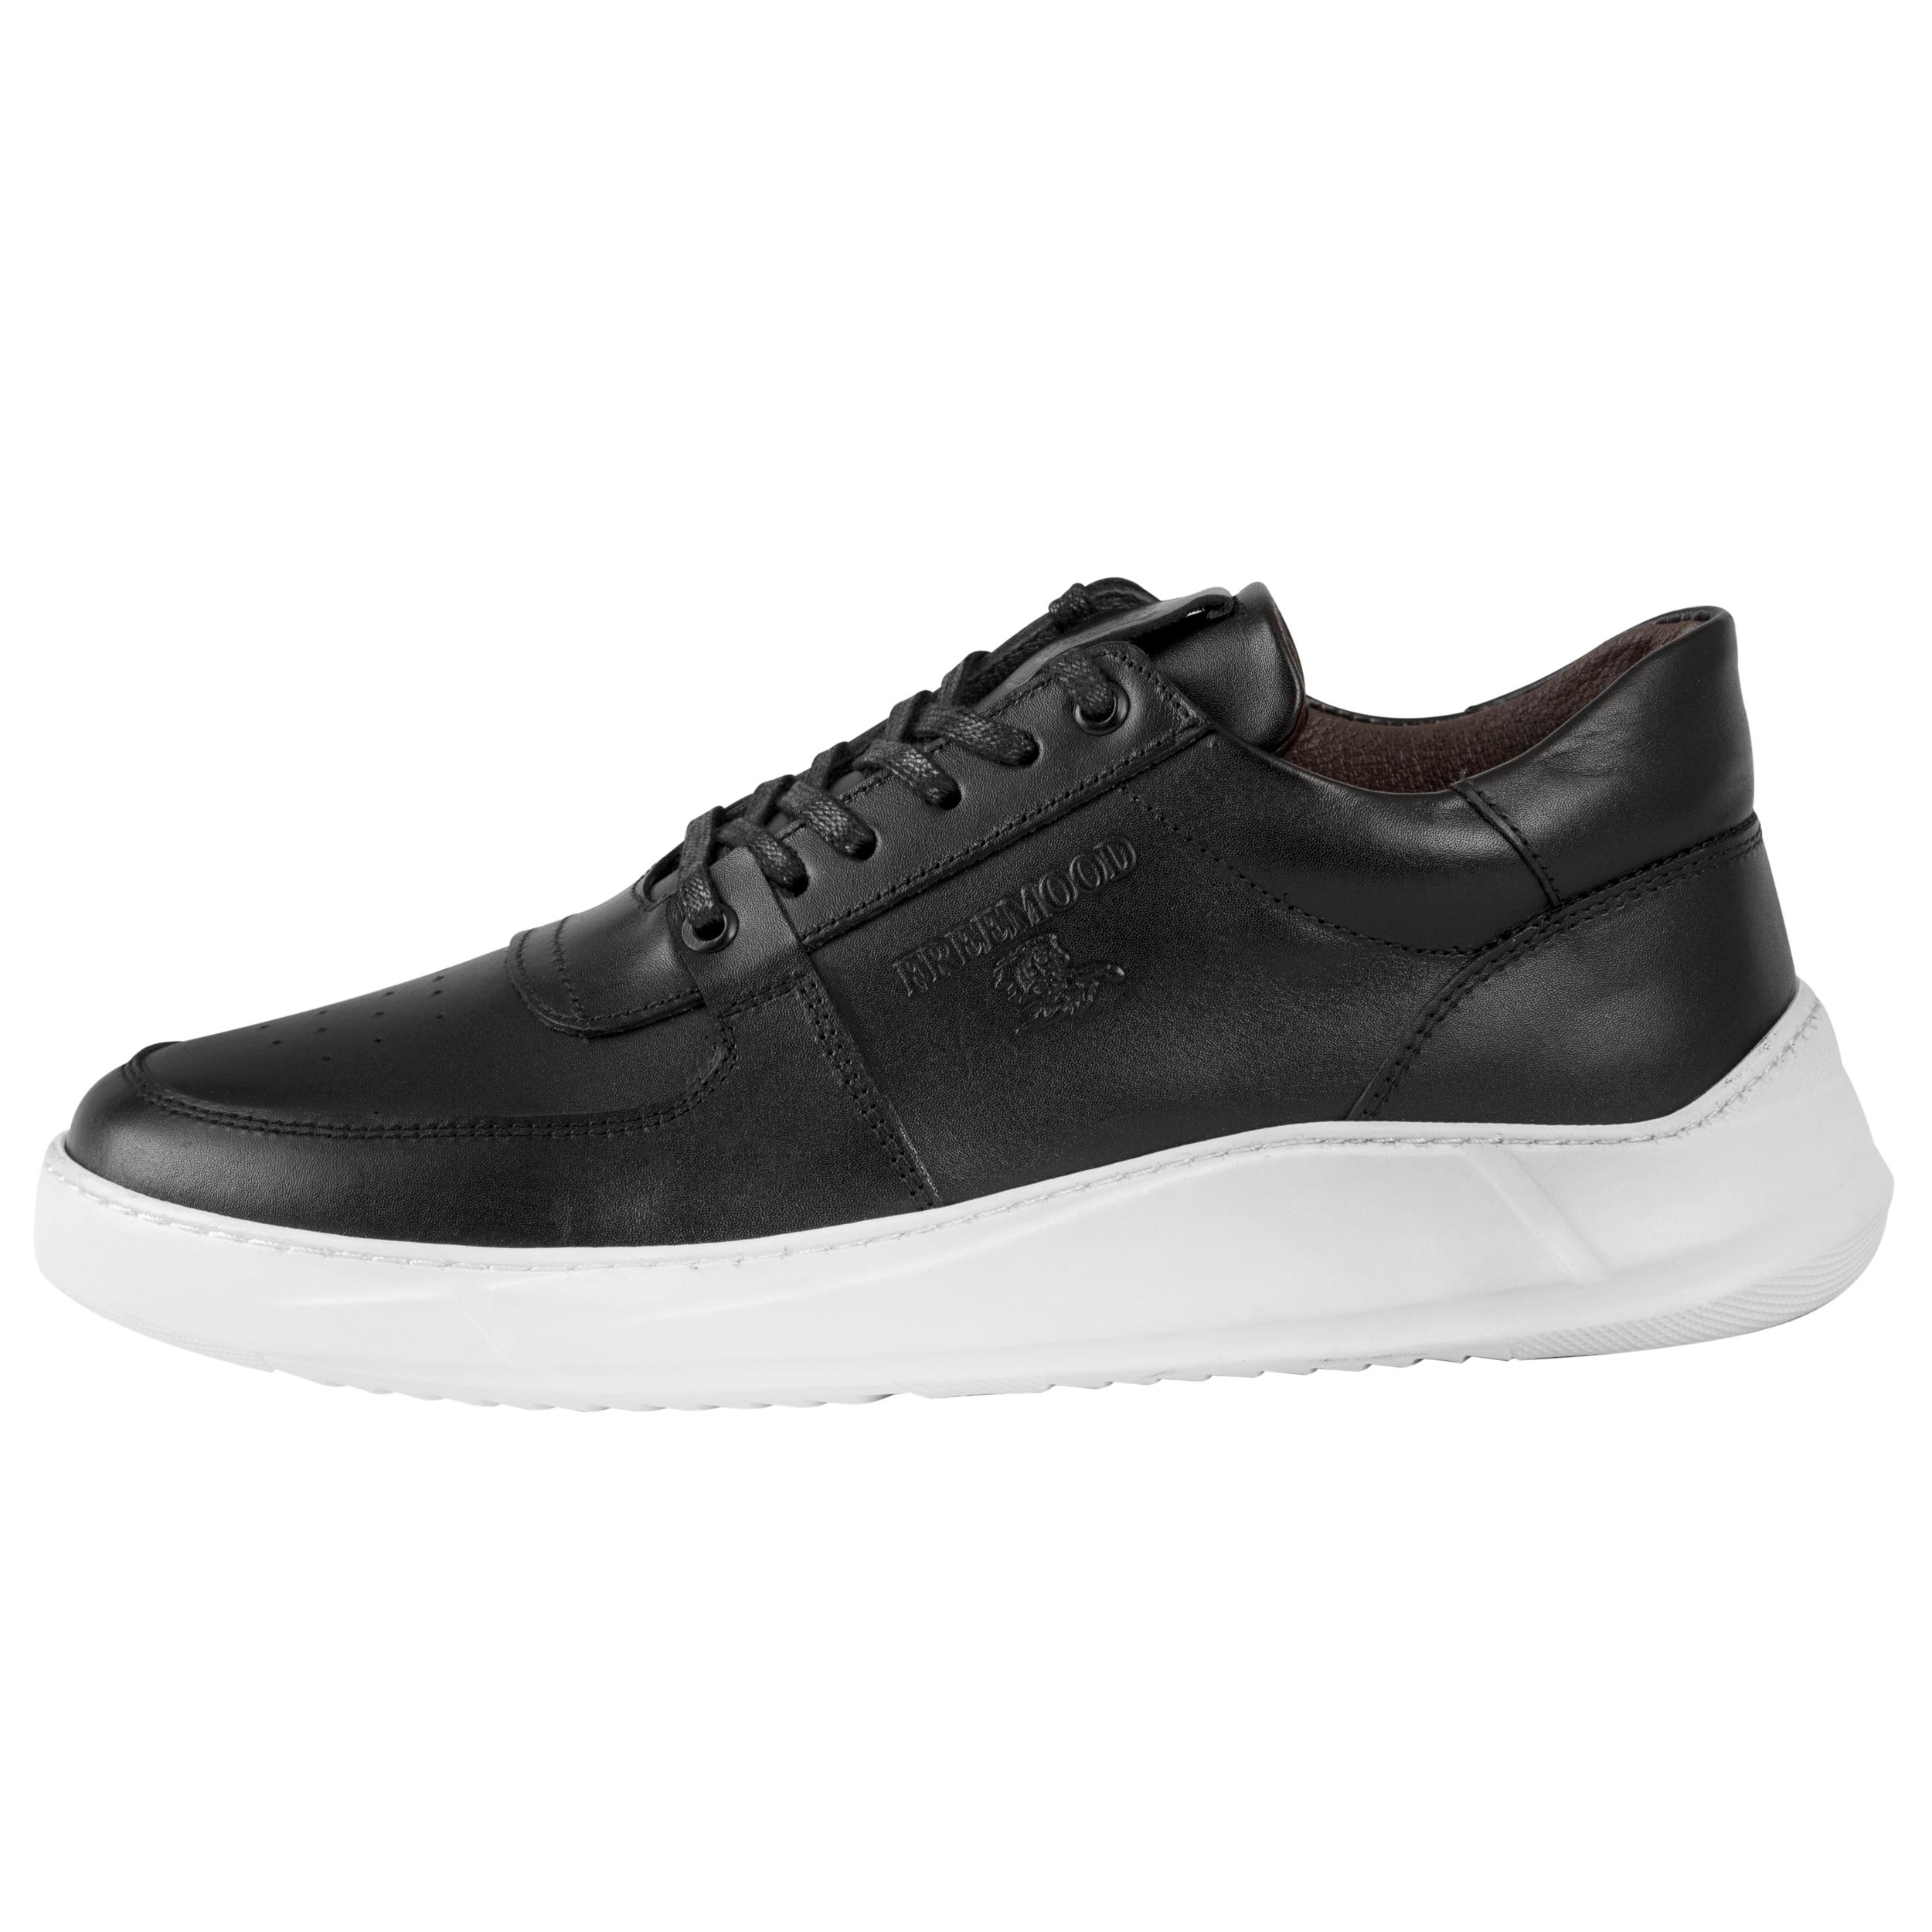 کفش روزمره مردانه فری مود کد 1831 رنگ مشکی